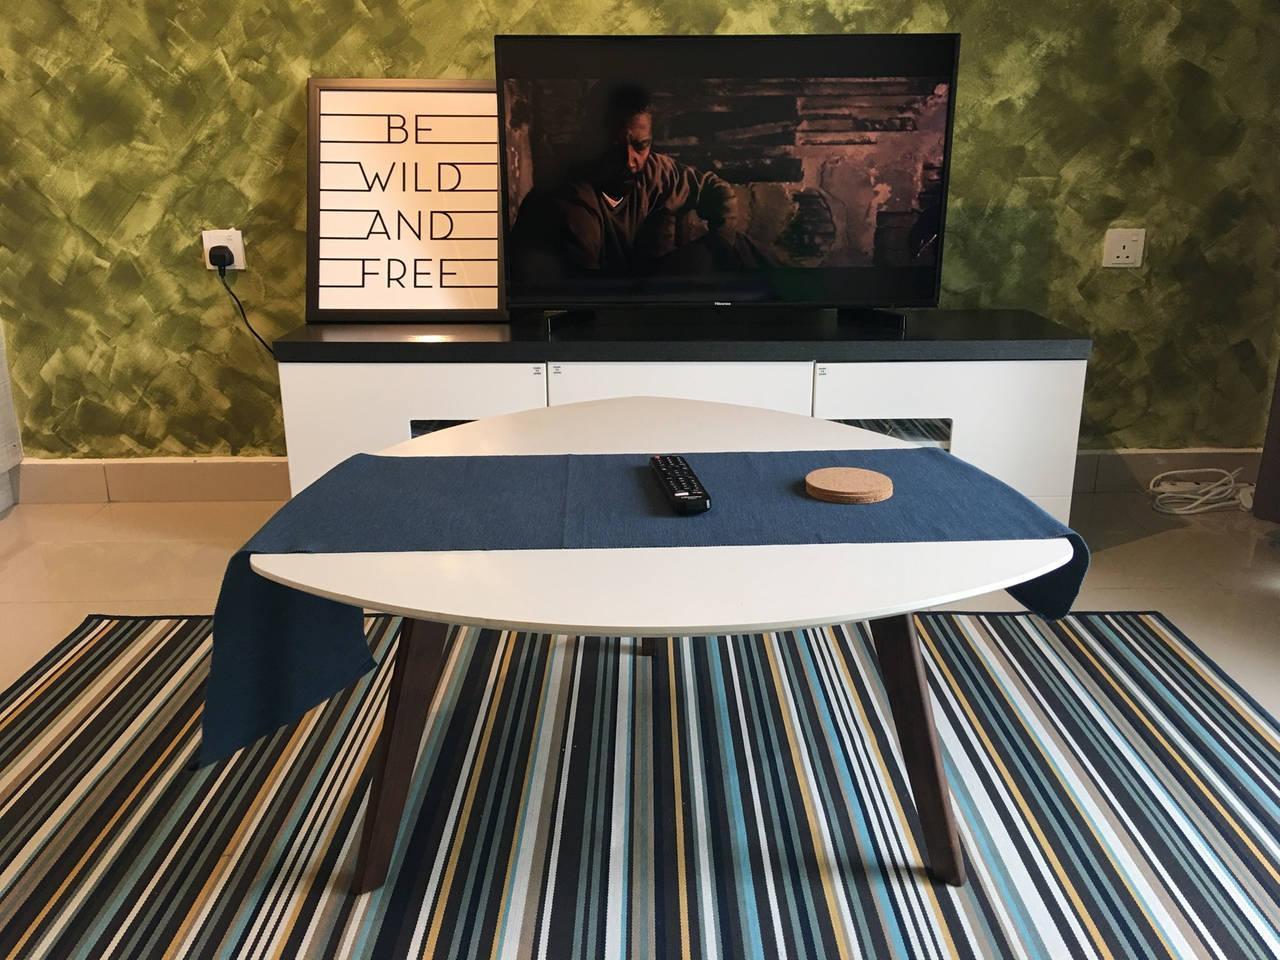 Bergen Studio A313   Cyberjaya   WiFi And Netflix